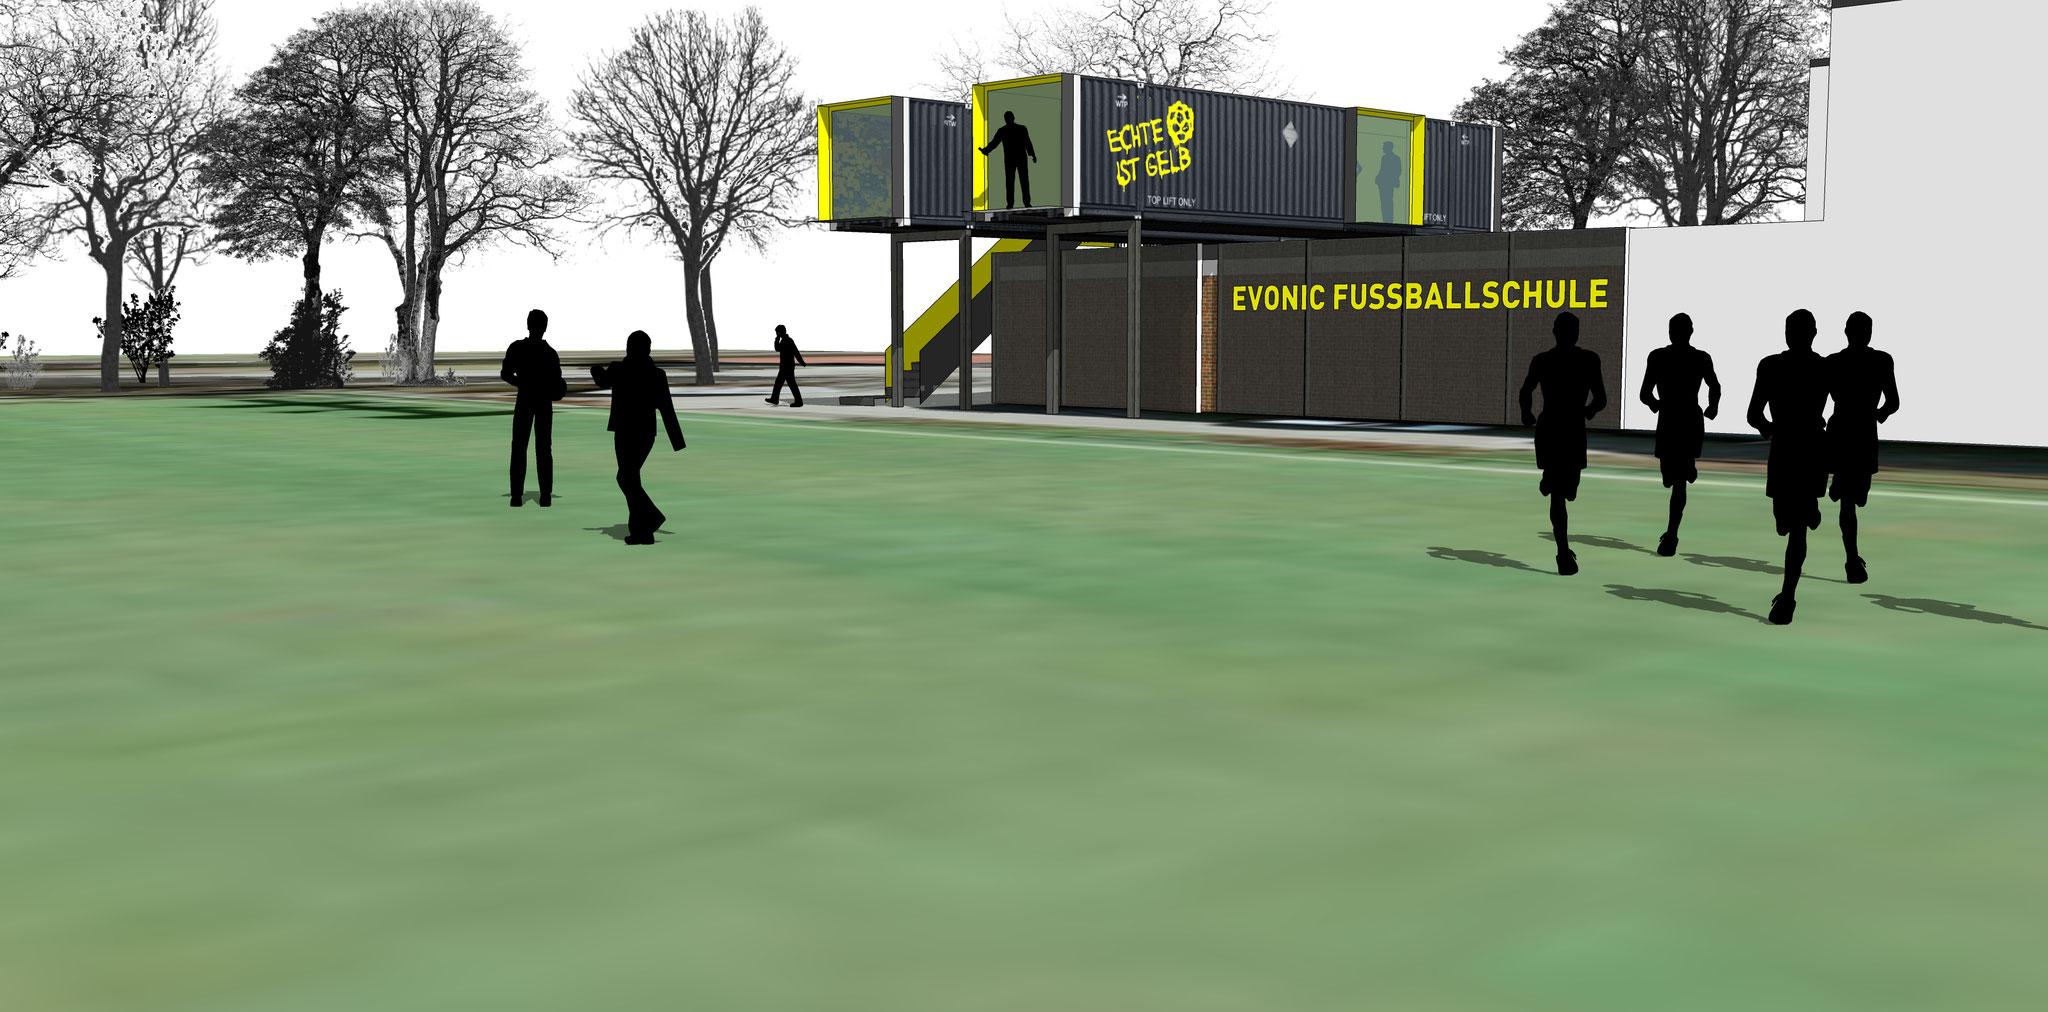 BVB Evonik Fussballschule Drahtler Architekten 2016